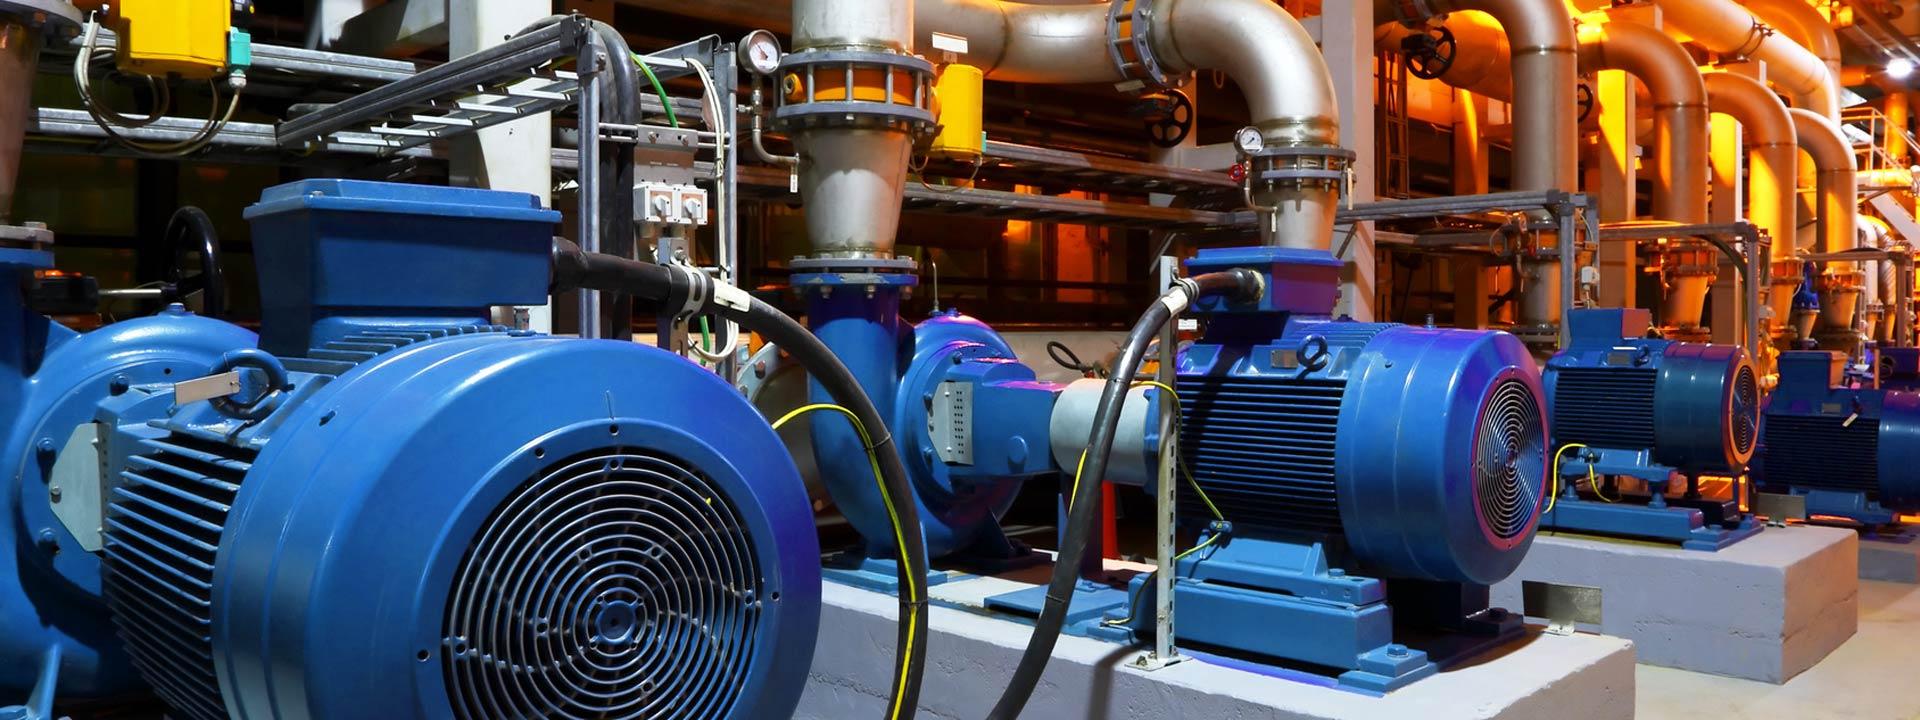 Zustandsüberwachung von Pumpen mittels Condition Monitoring Systemen